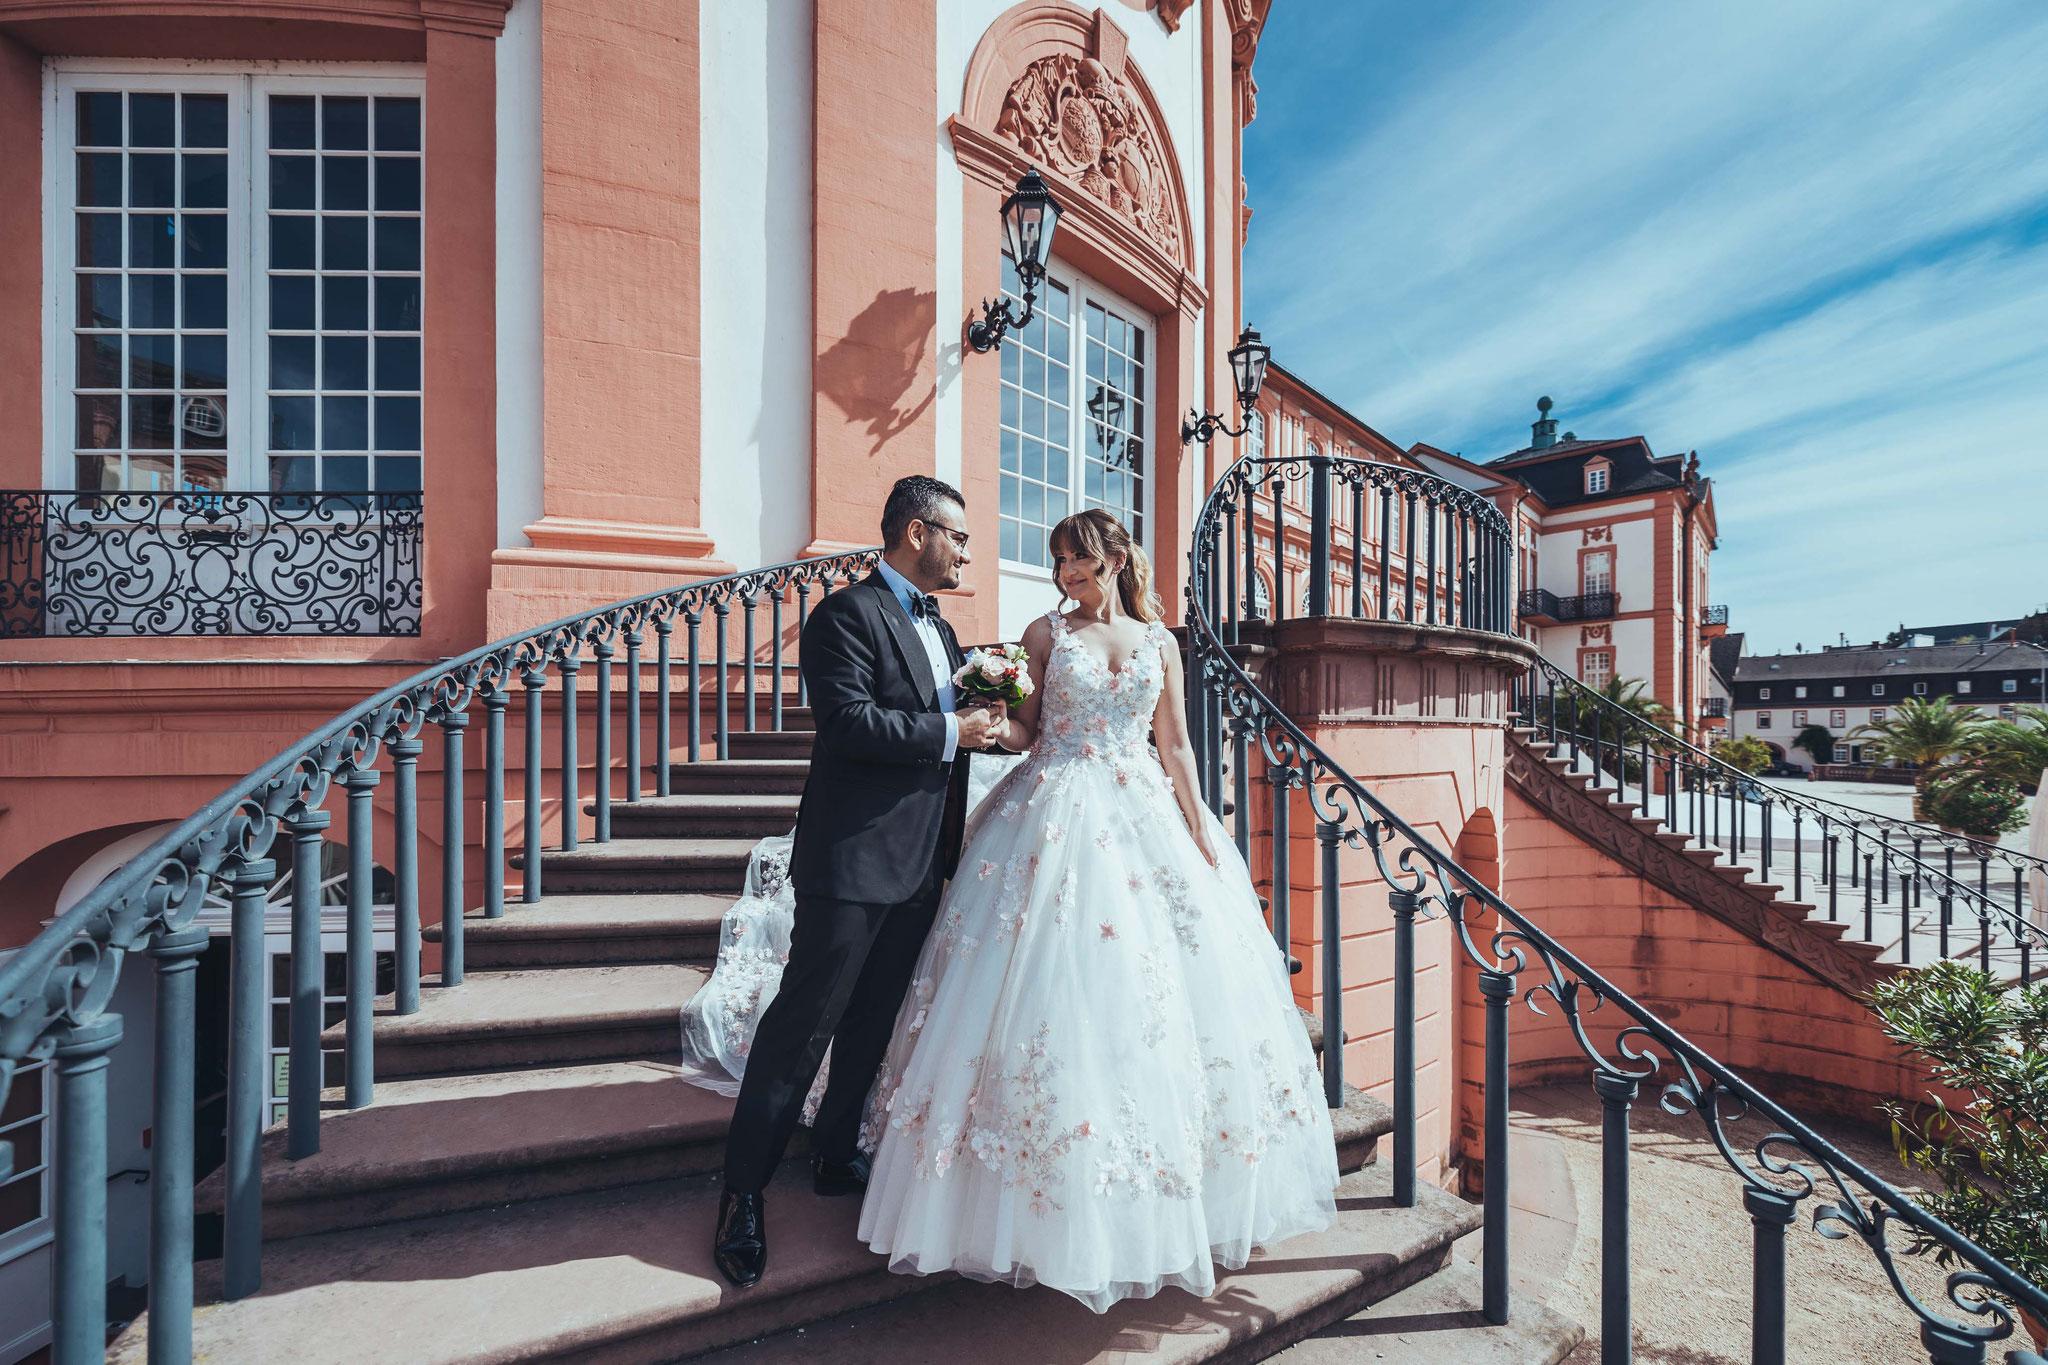 Afterwedding Aufnahmen in Wiesbaden, Frankfurt, Darmstadt und Umgebung